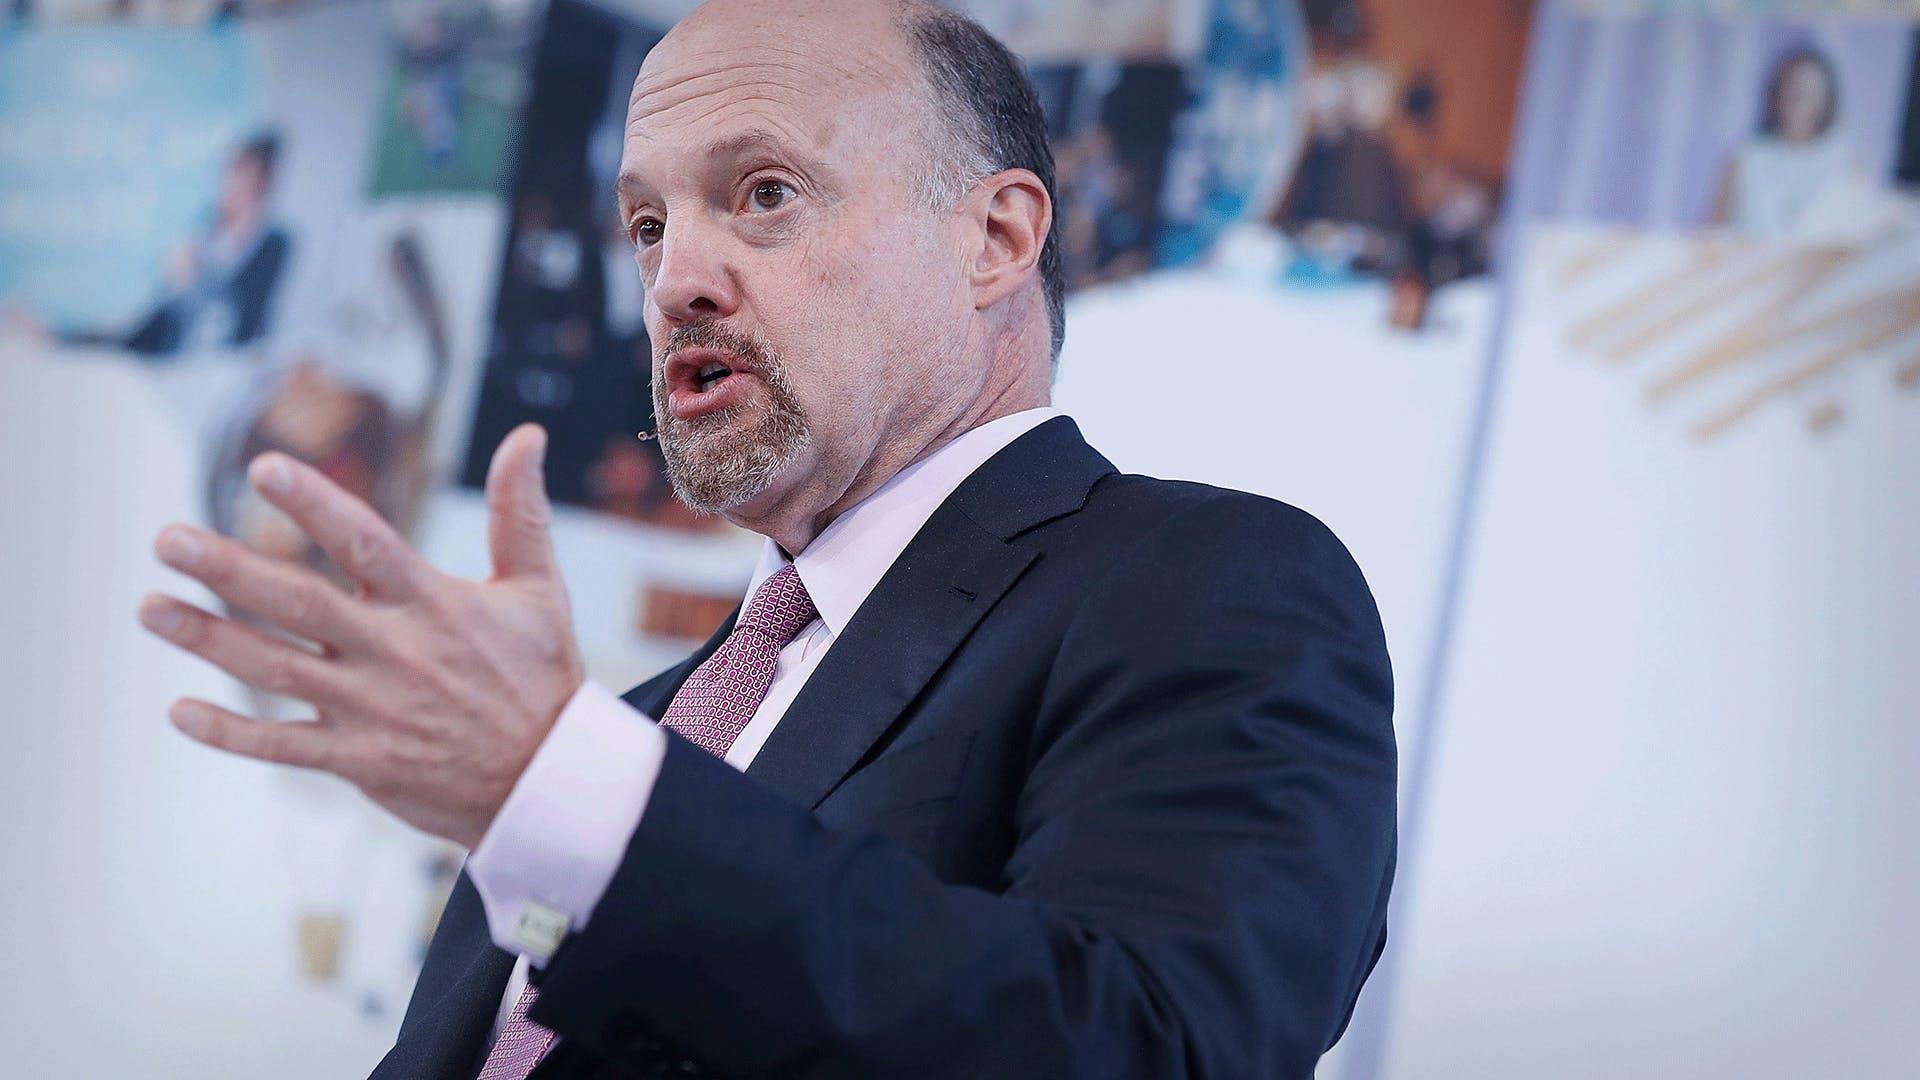 克莱默警告称,在疫情形势恶化之际,华尔街太多人过于乐观了